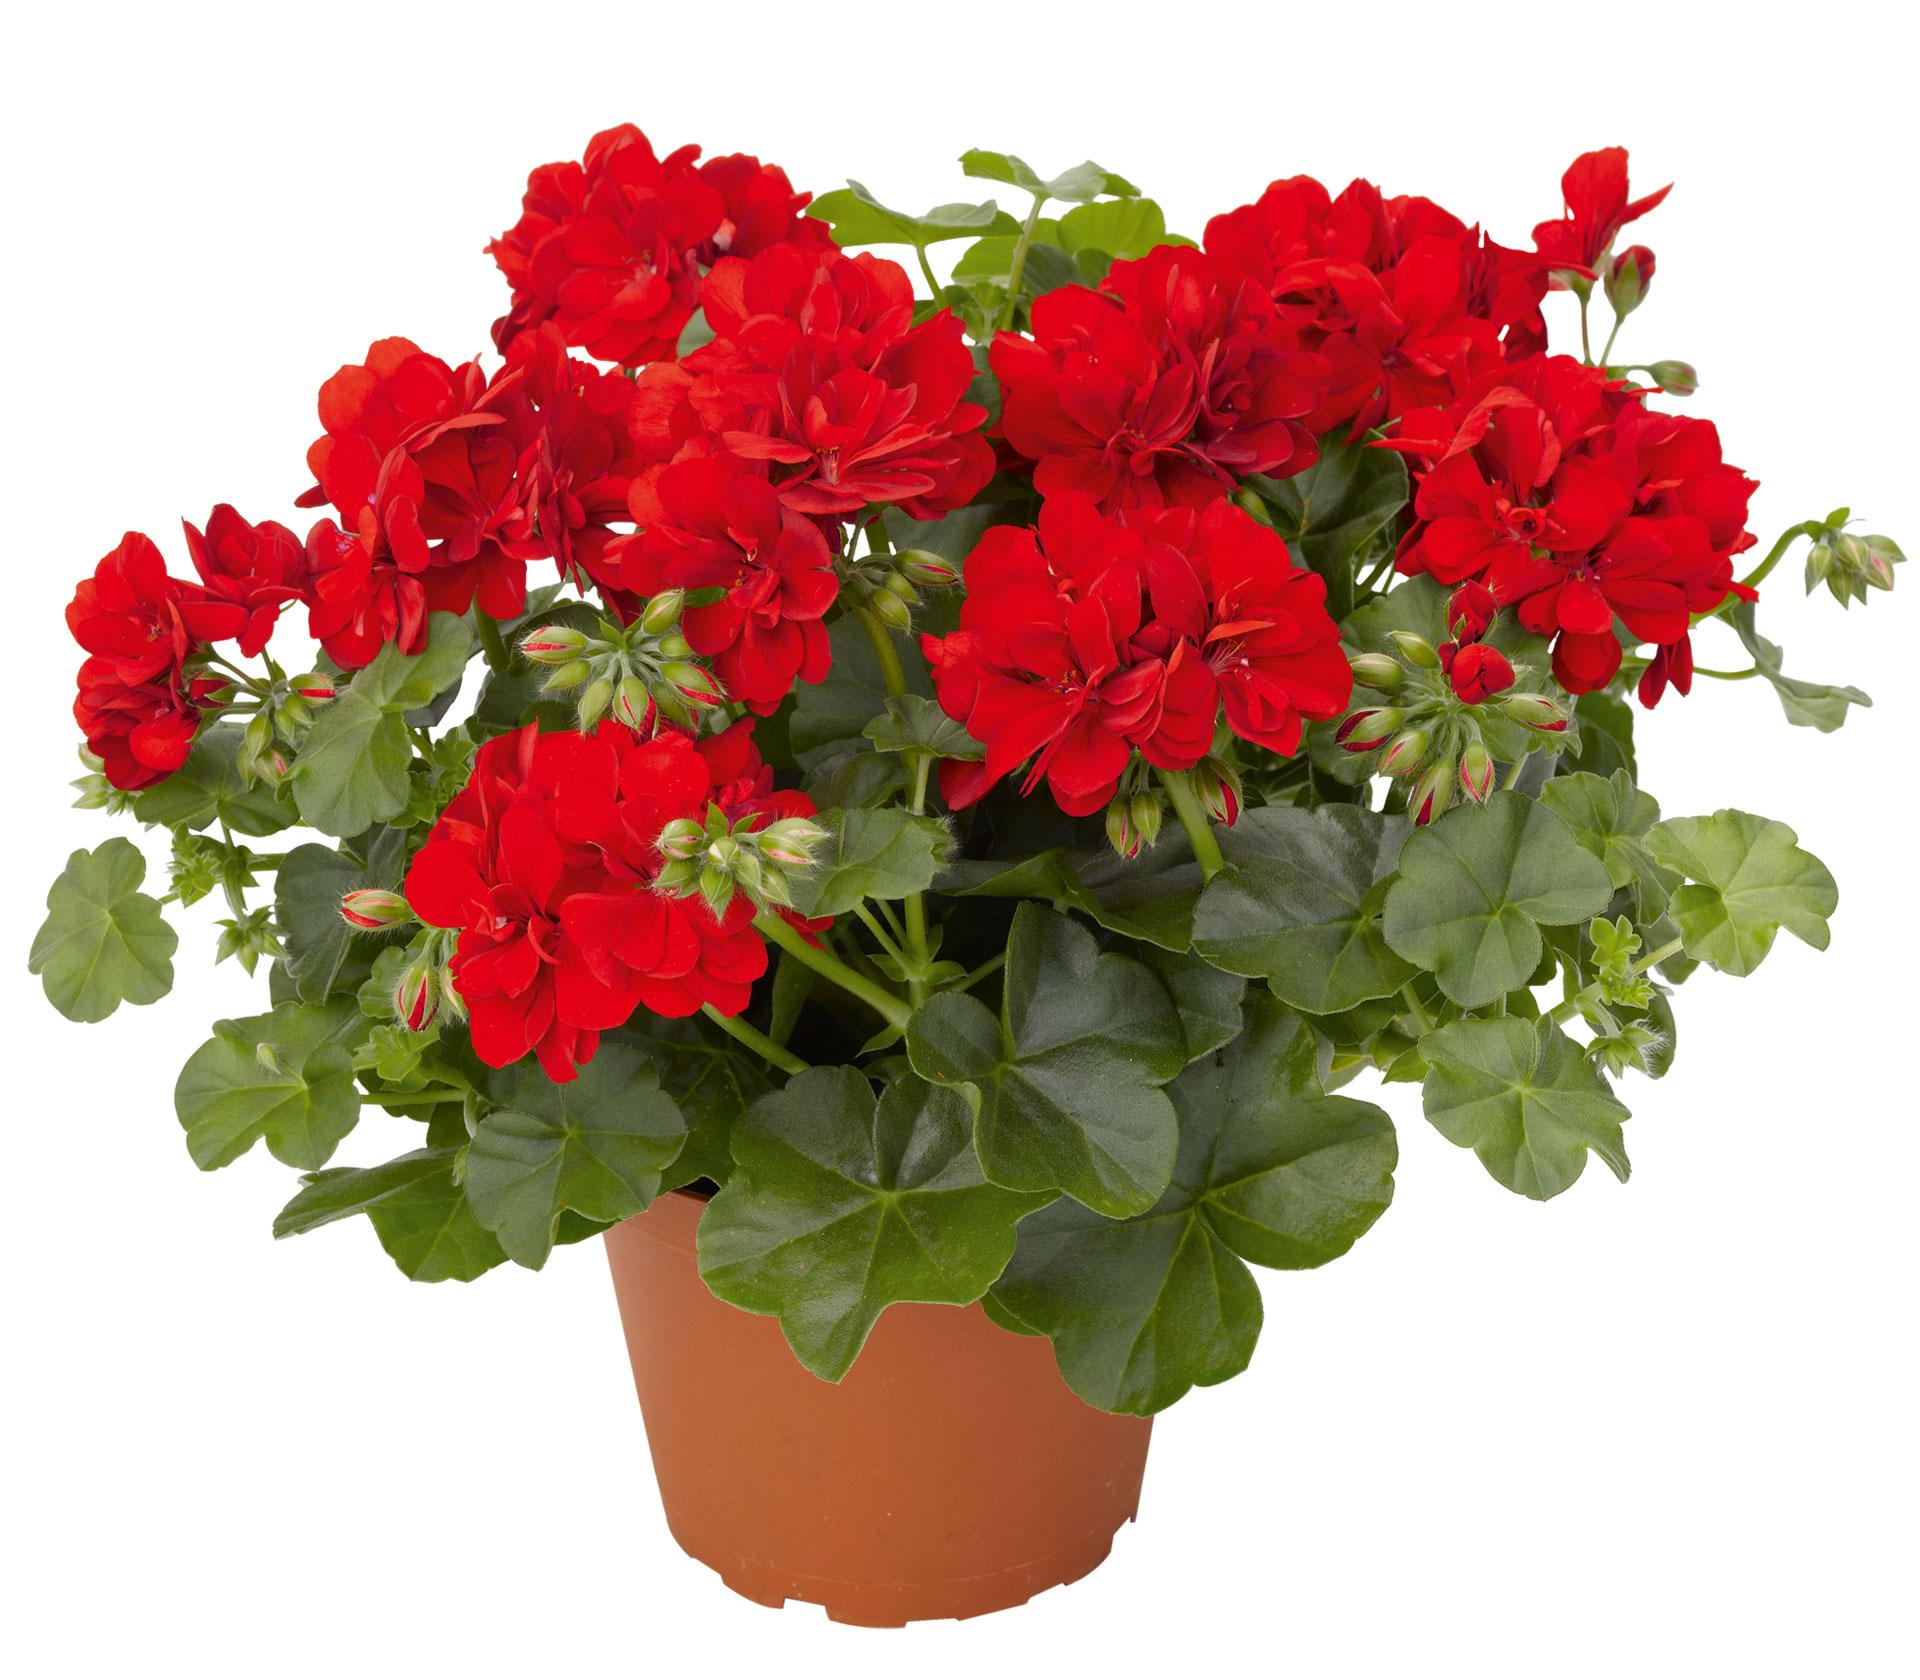 Не требующие особого ухода домашние цветы